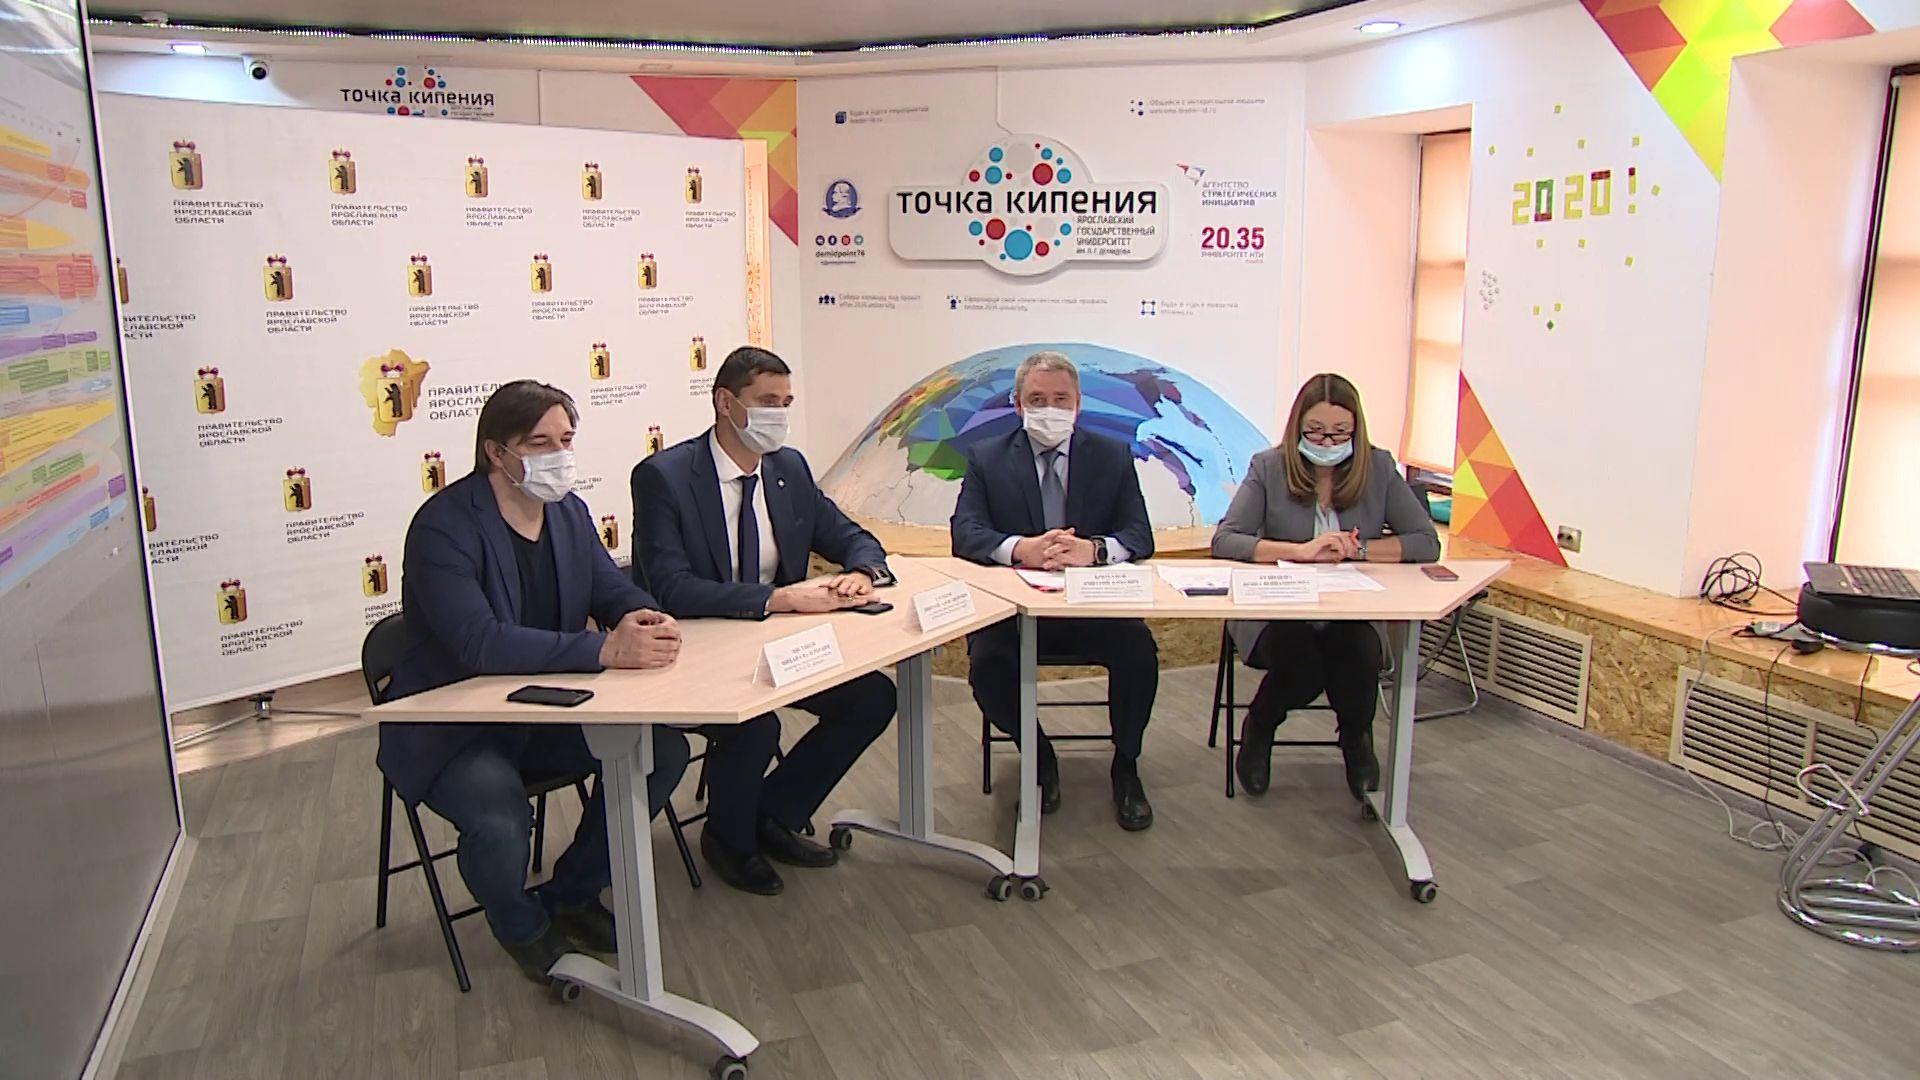 Ярославские проекты борются за участие во всероссийском форуме